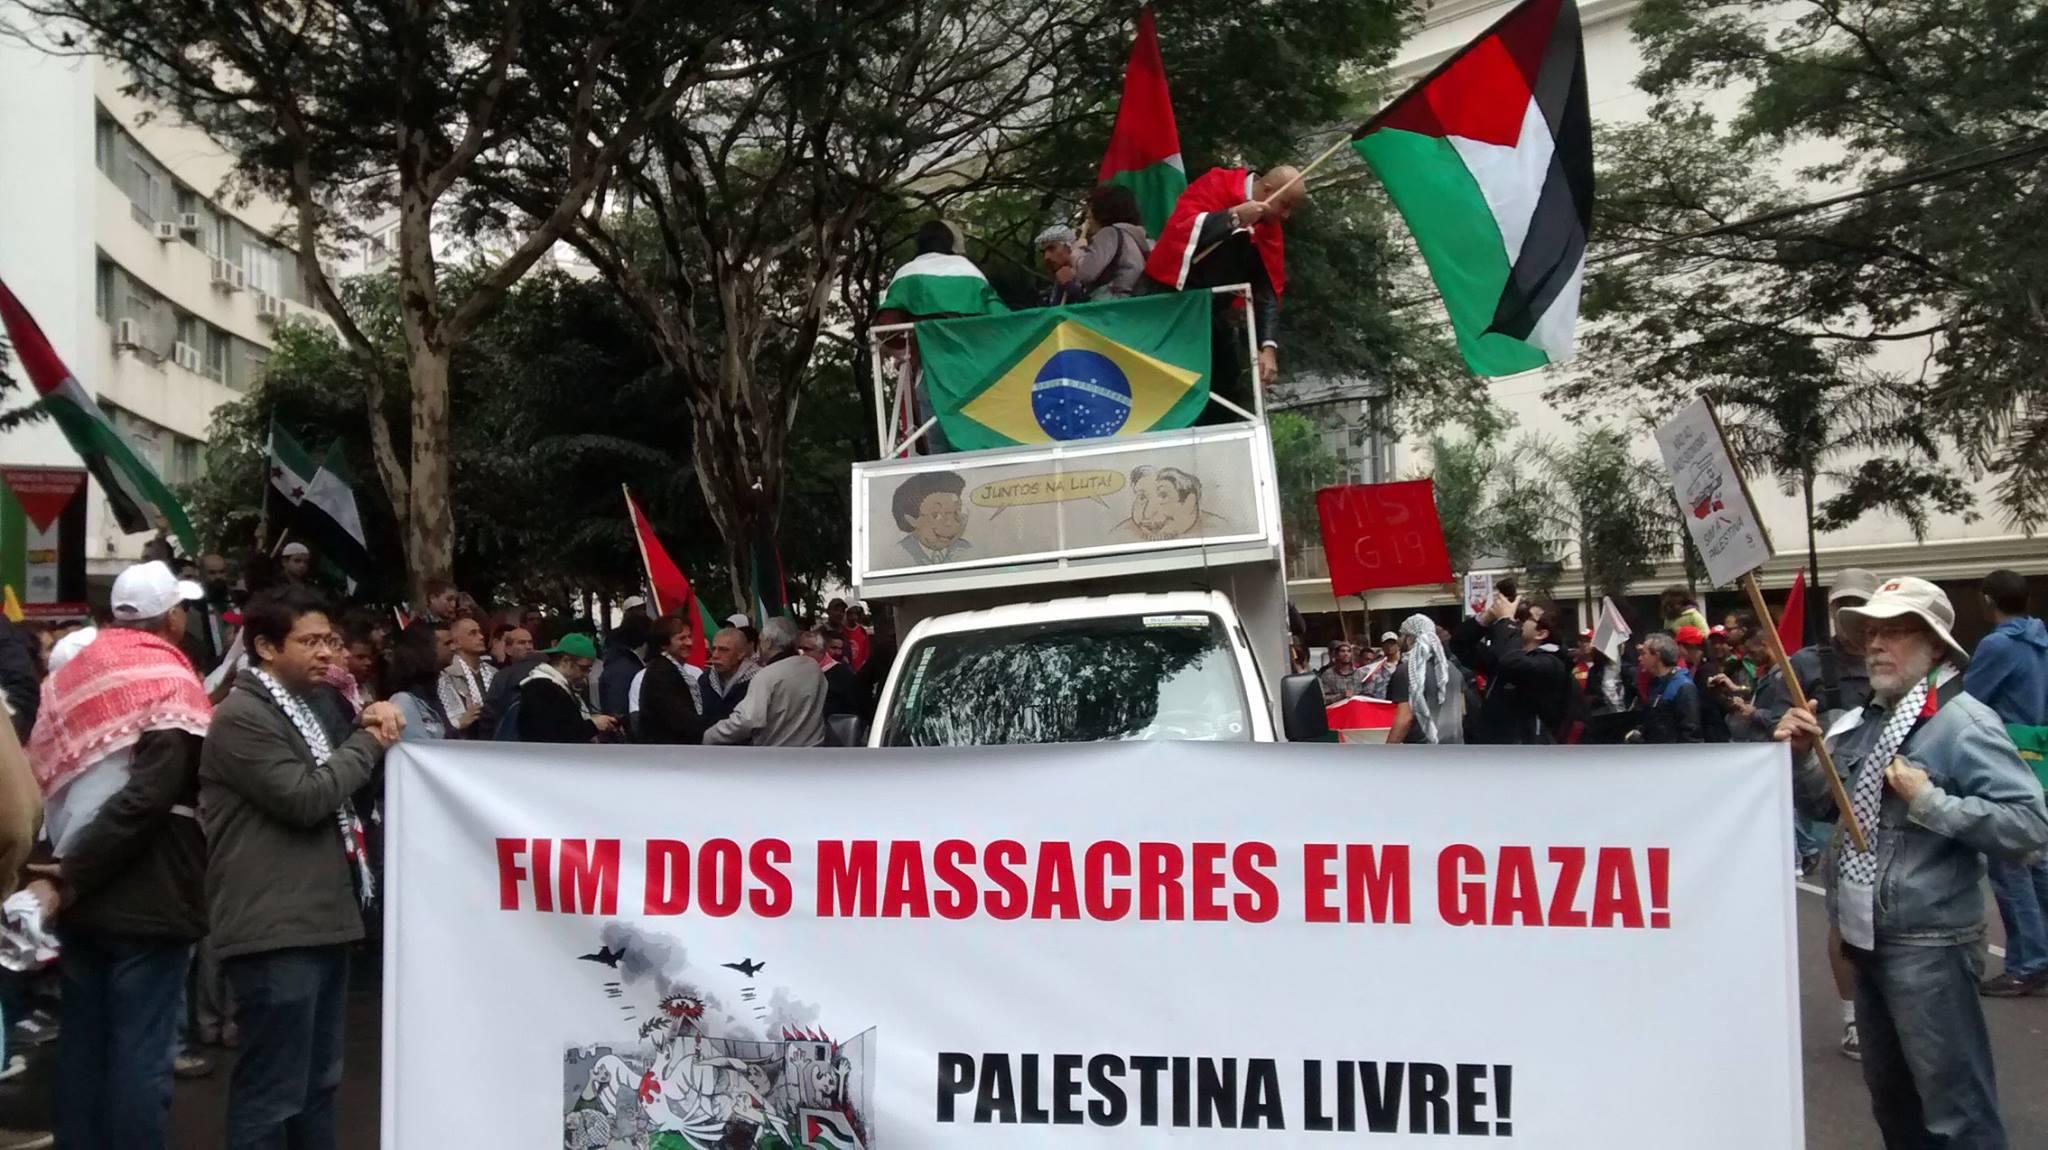 brasil11 - Copy